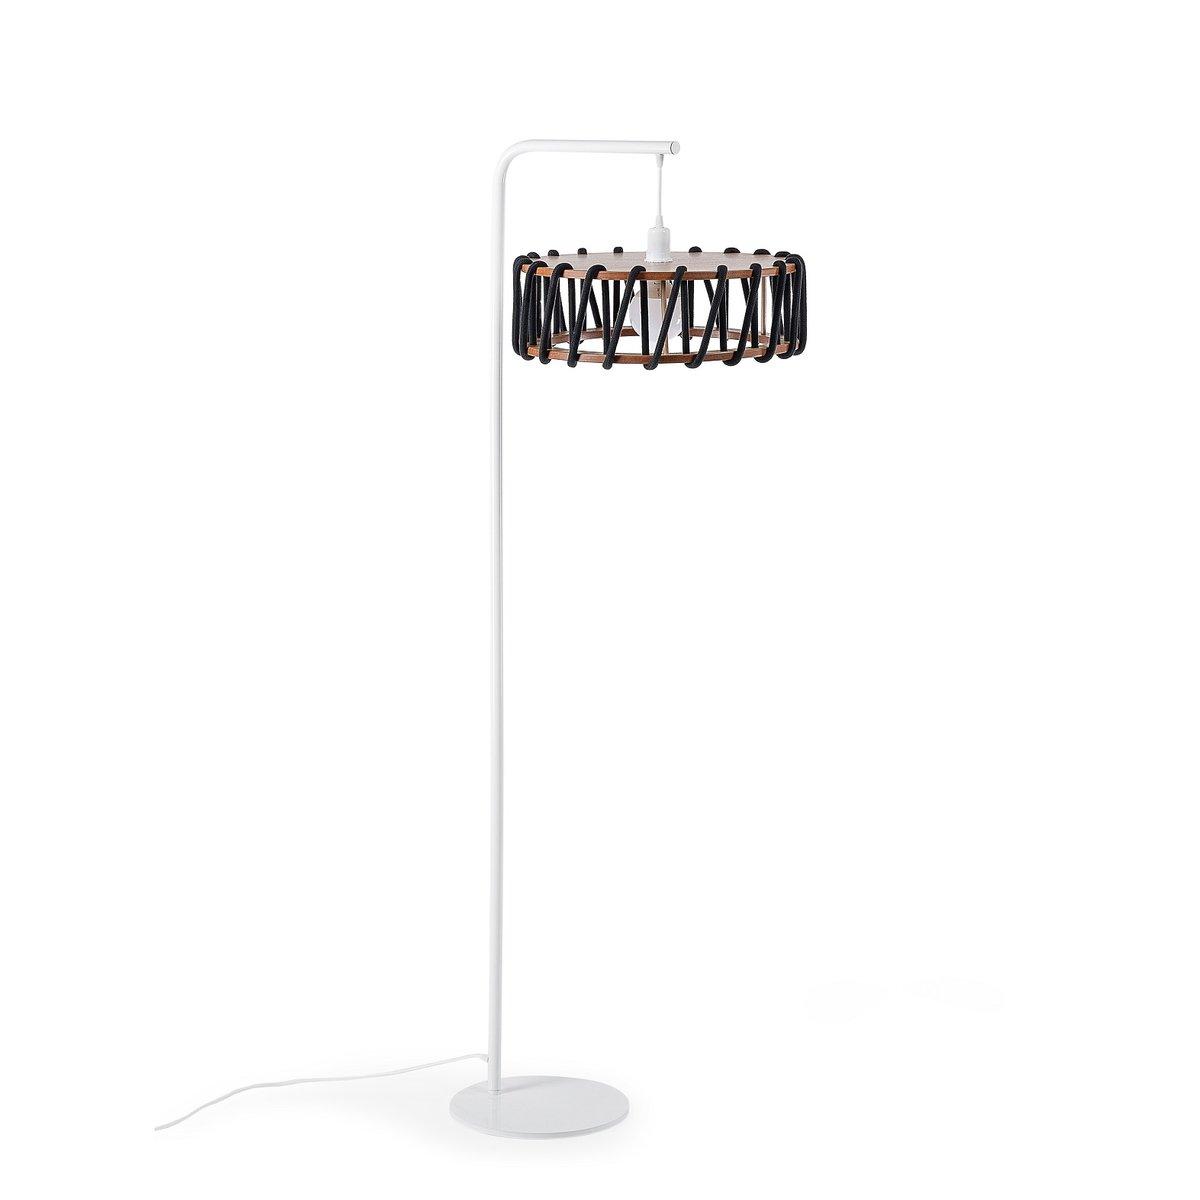 wei e macaron stehlampe mit gro em schwarzen schirm von silvia ce al f r emko bei pamono kaufen. Black Bedroom Furniture Sets. Home Design Ideas